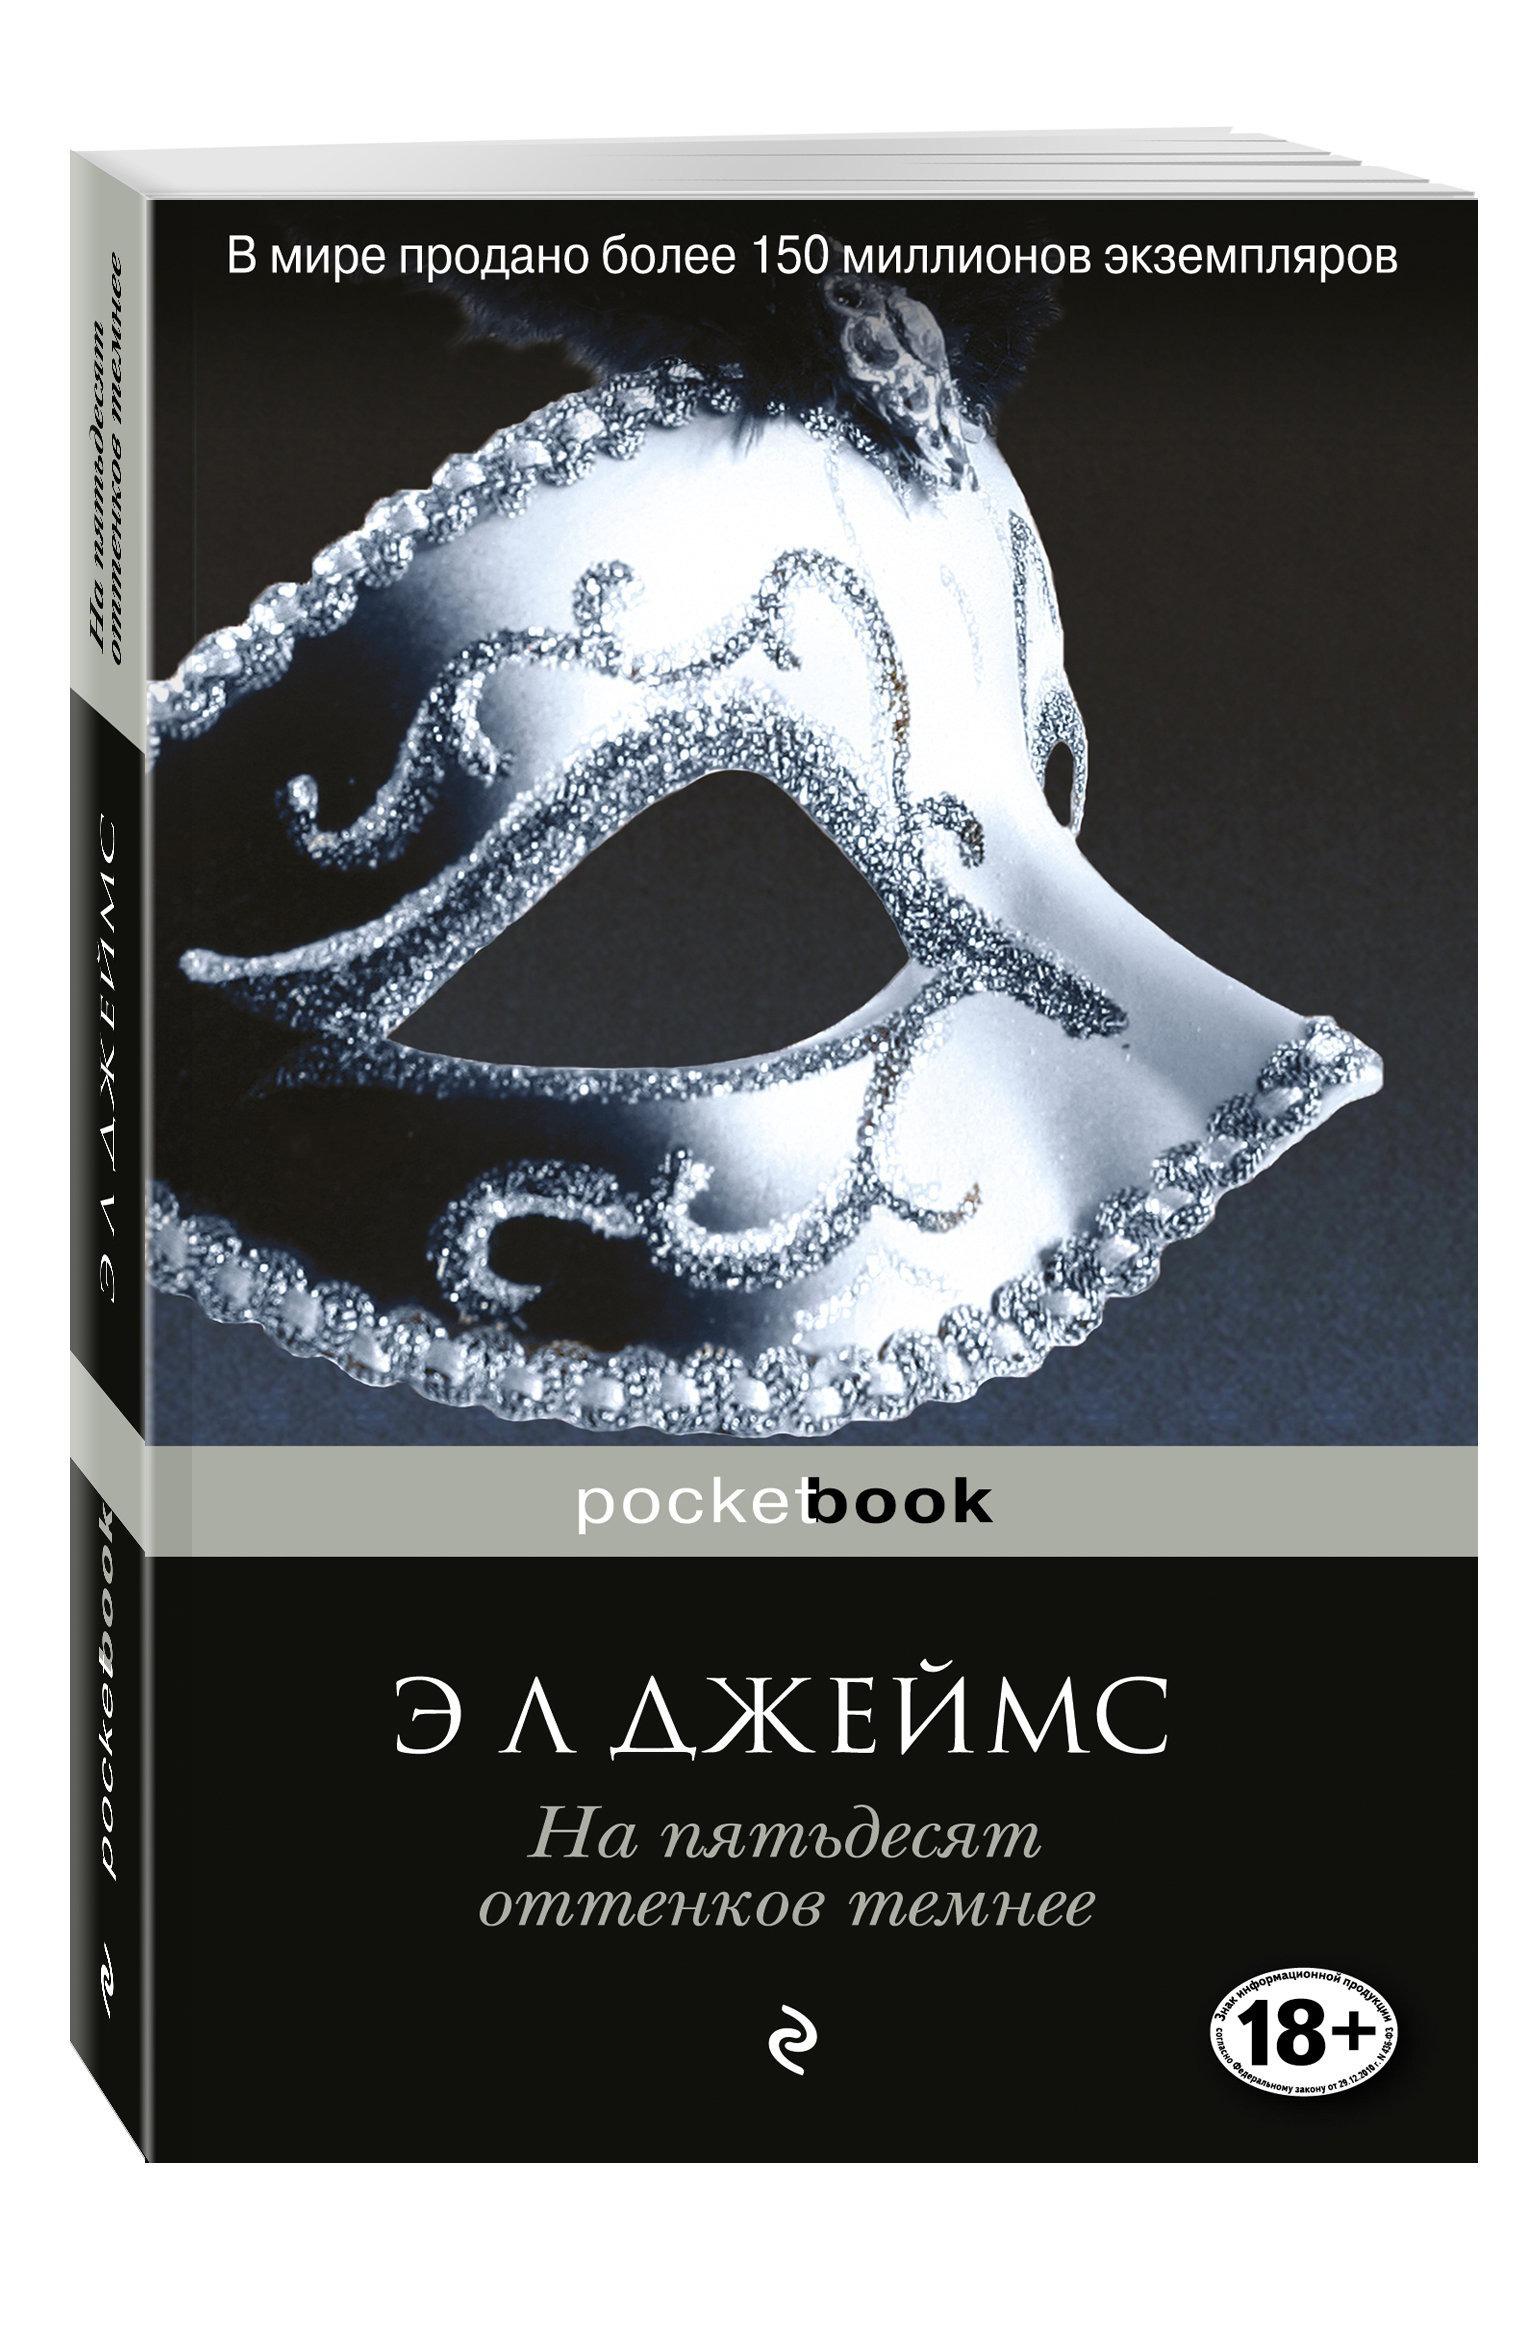 Скачать бесплатно книгу пятьдесят оттенков темного